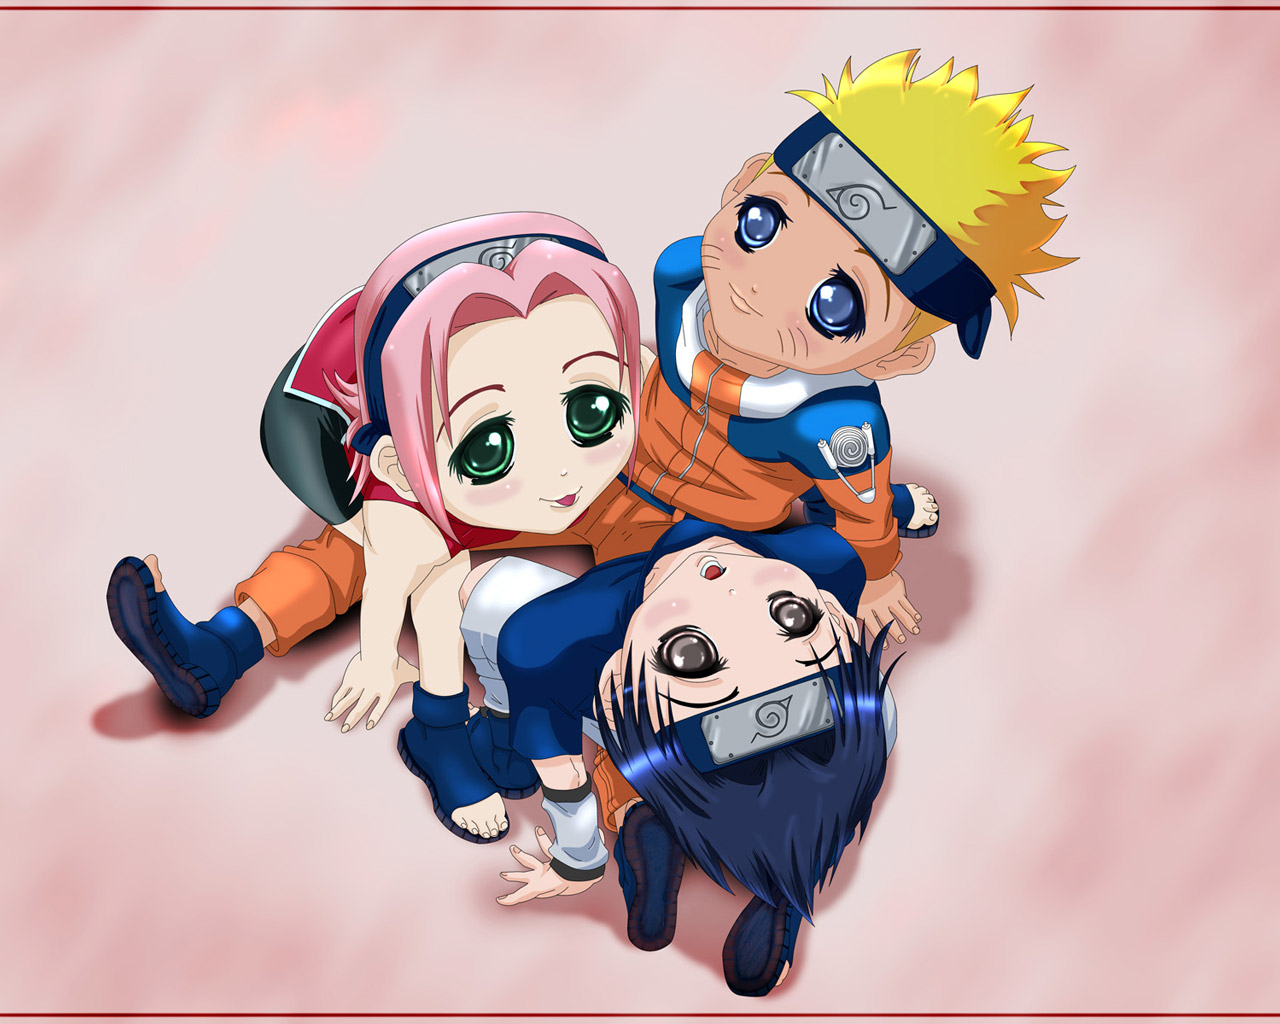 Naruto Uzumaki Gallery Naruto Sakura and Sasuke chibi wallpaper 1280x1024